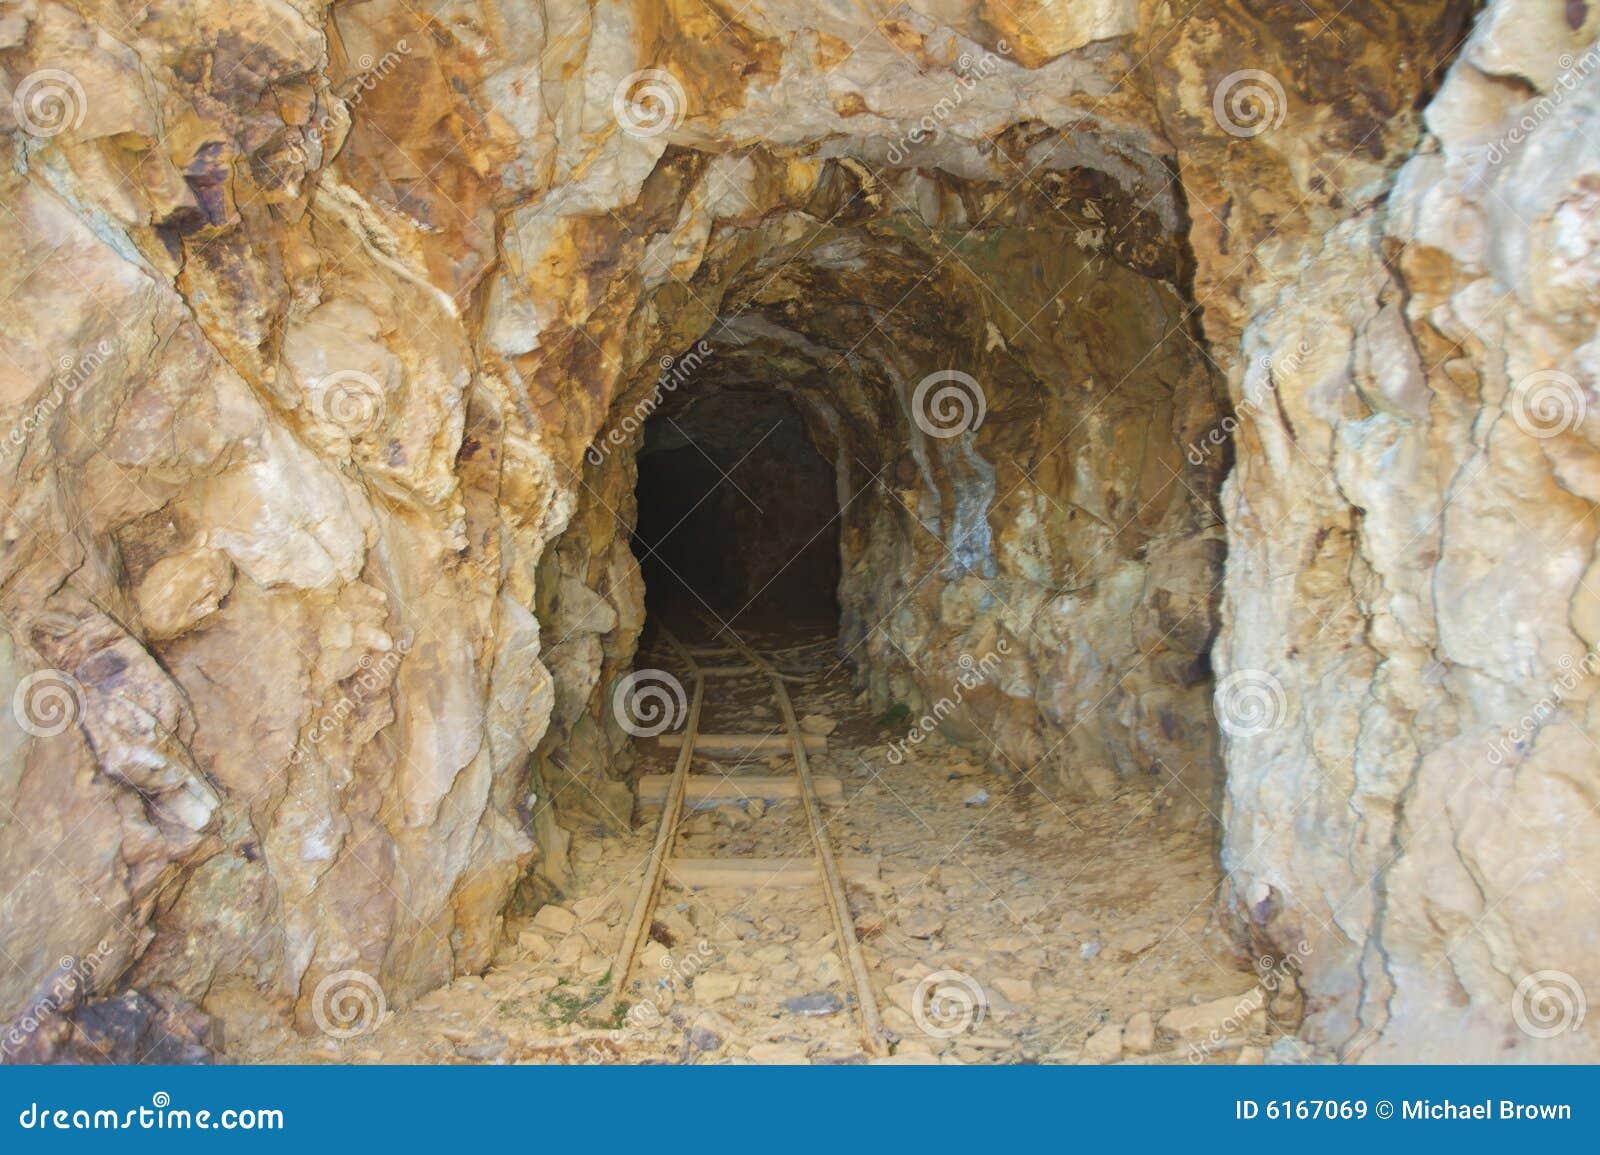 Opuszczona kopalnia złota